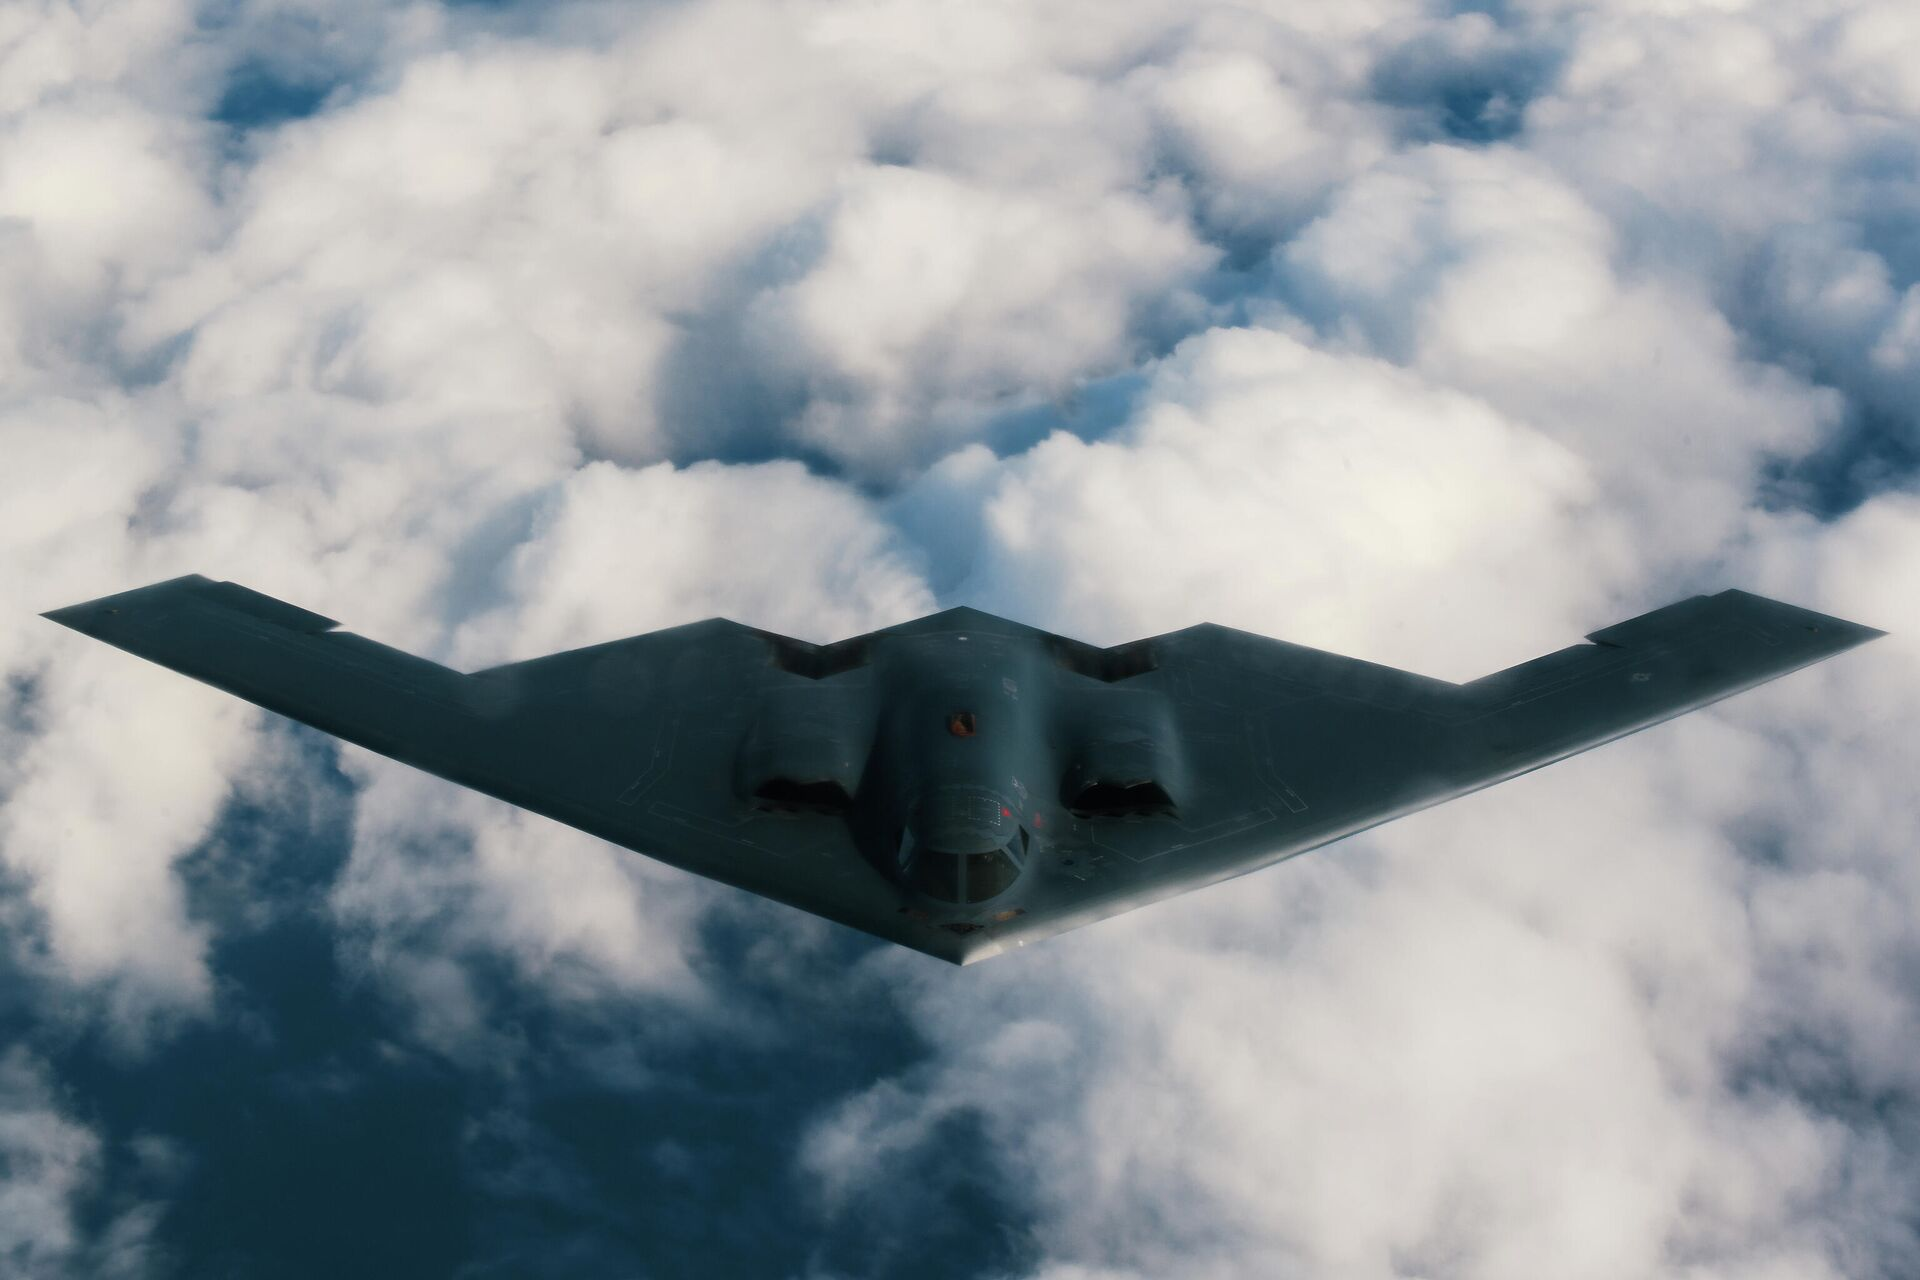 Американский малозаметный стратегический бомбардировщик Northrop B-2 Spirit - РИА Новости, 1920, 08.04.2021